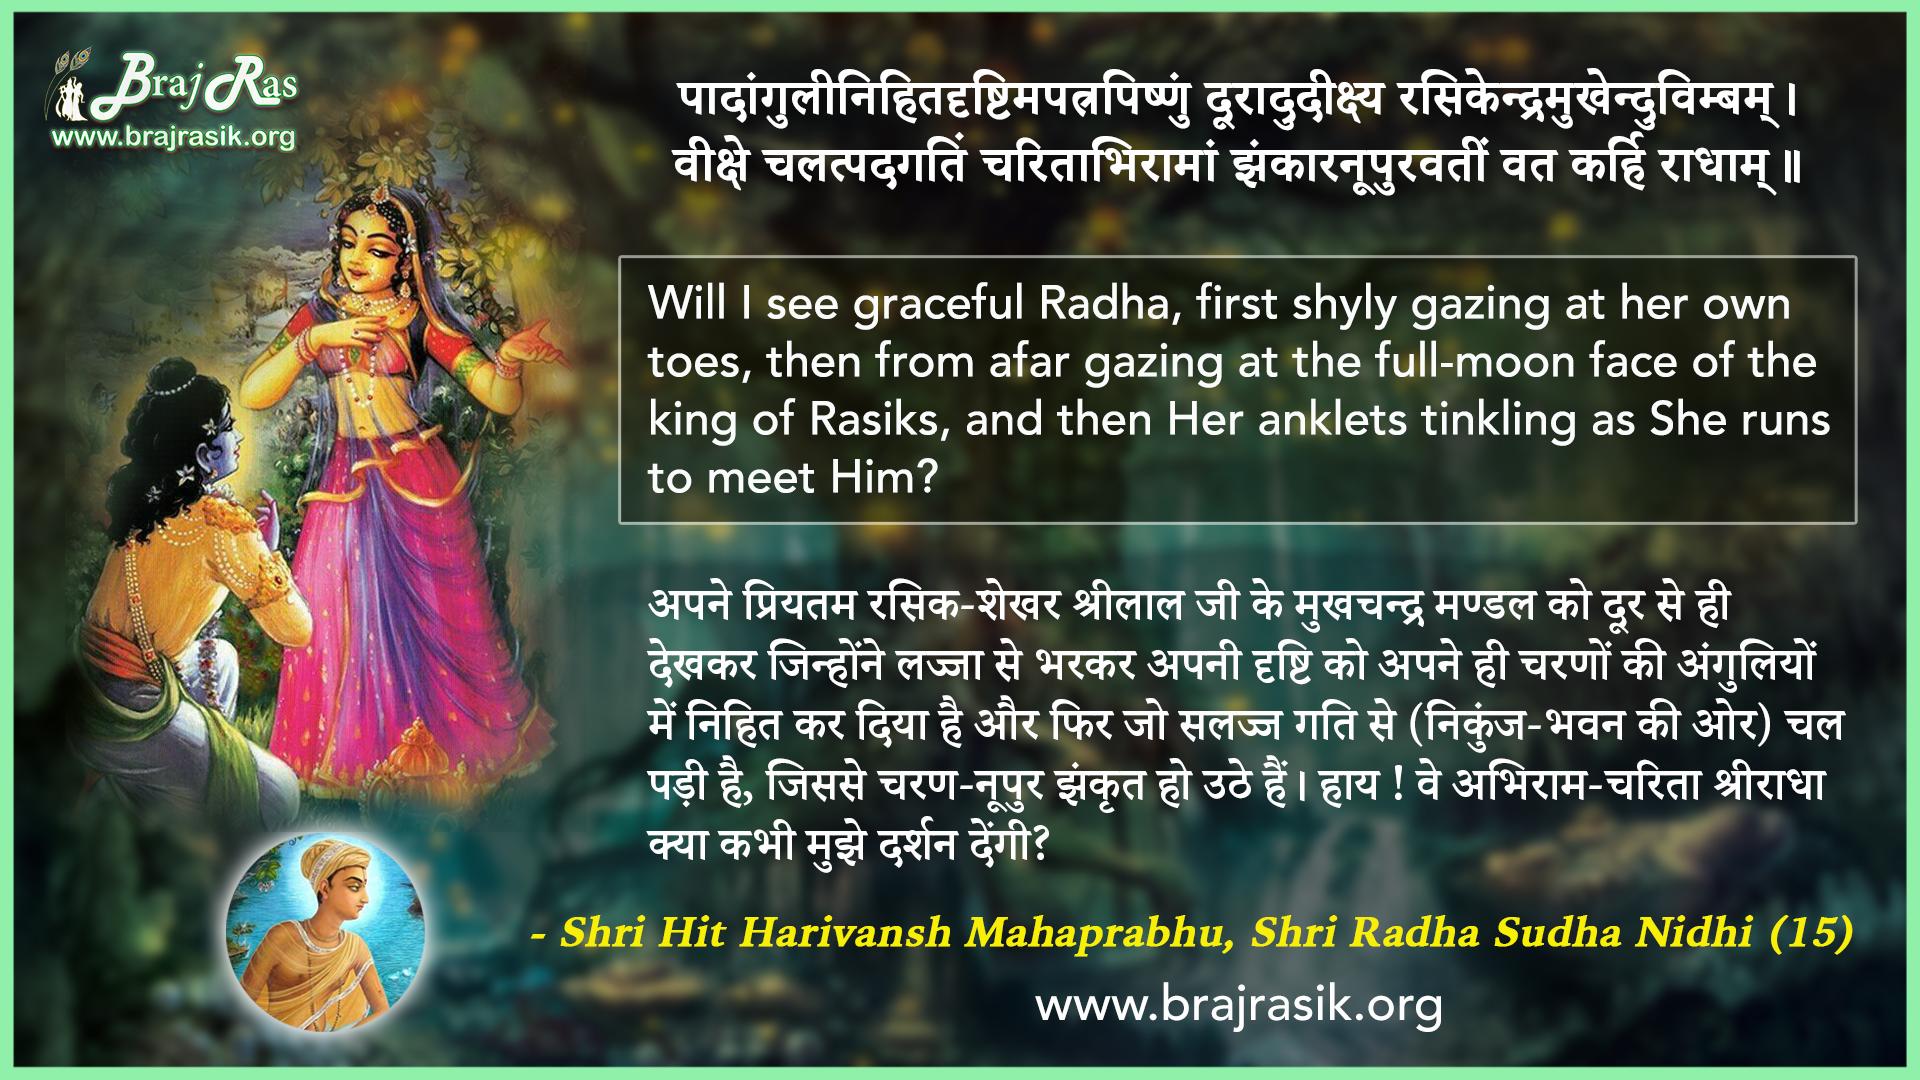 Paadaangulinihitadrishtimapatrapishnum - Shri Hit Harivansh Mahaprabhu, Shri Radha Sudha Nidhi (15)